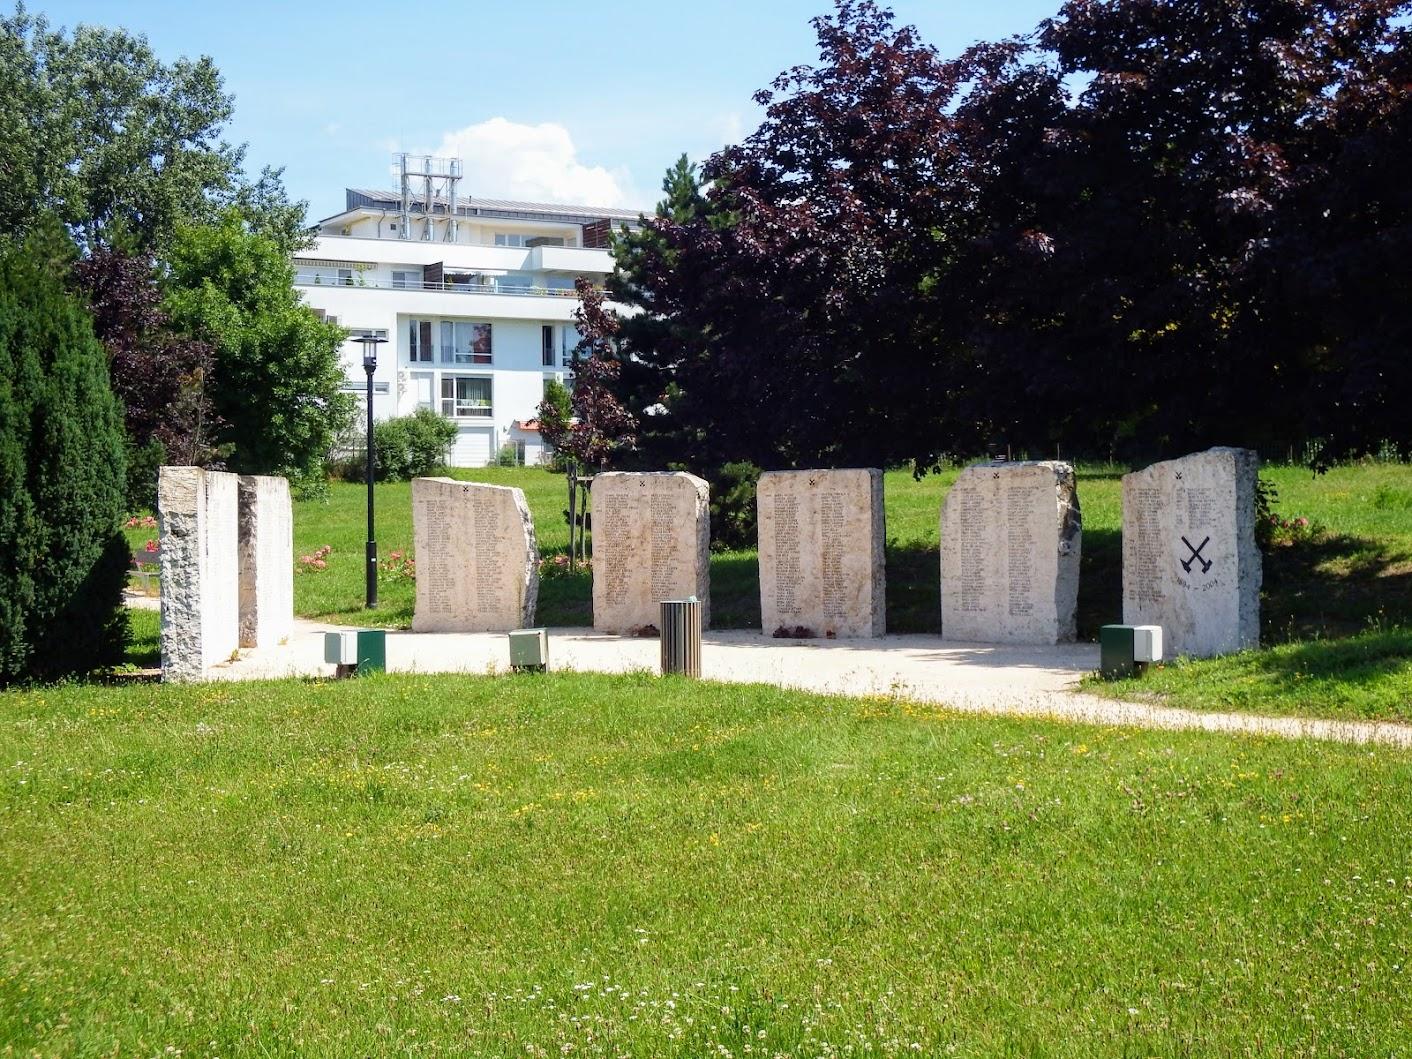 Tatabánya - Bányász-emlékmű a kegyeleti parkban